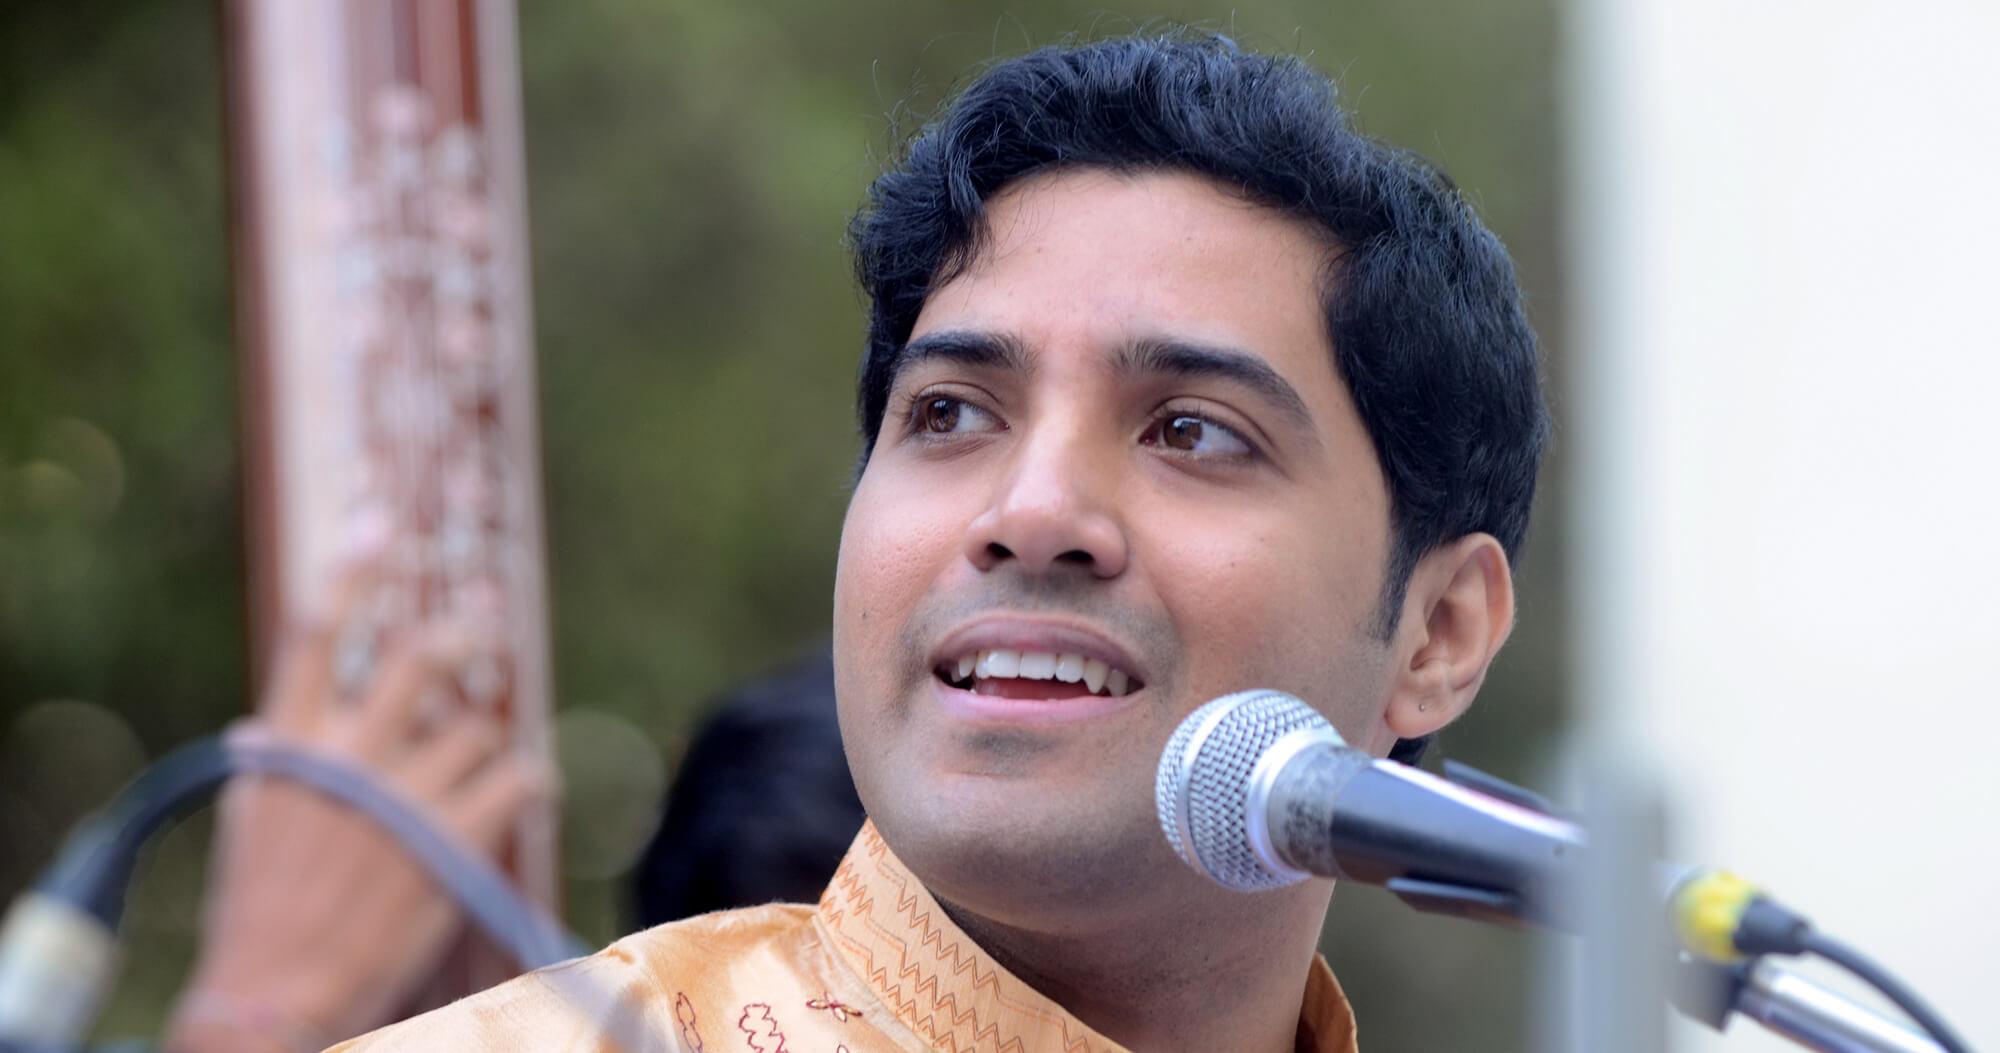 Samrat Pandit portrait